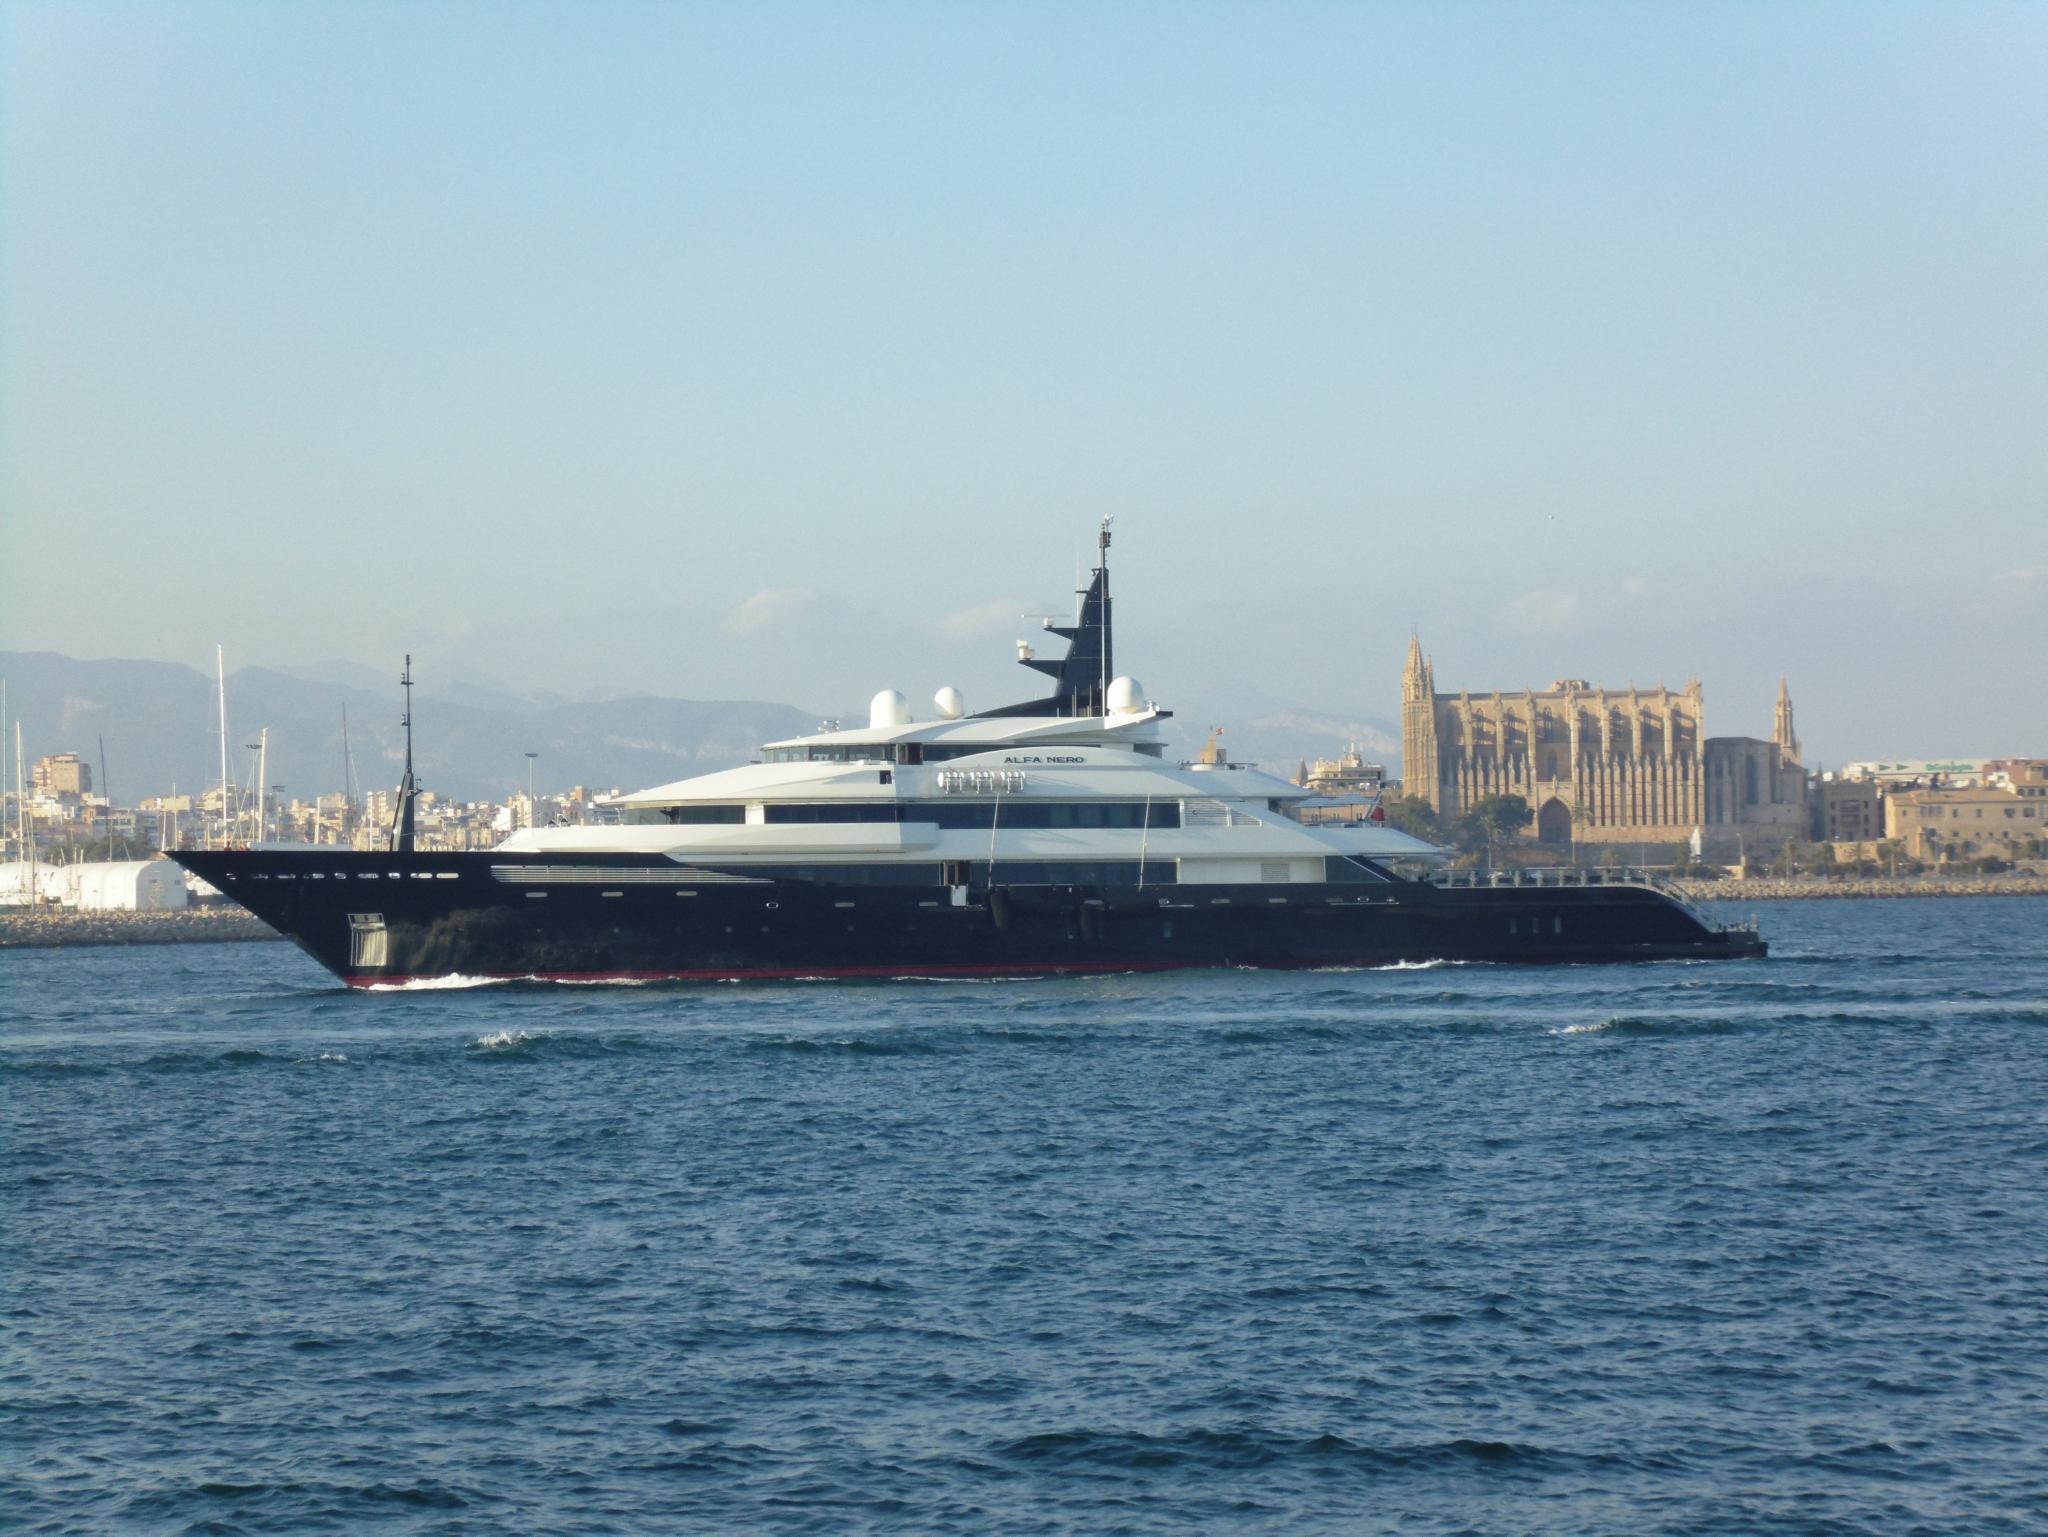 Ferienyacht Von Bill Gates Macht Station In Palma